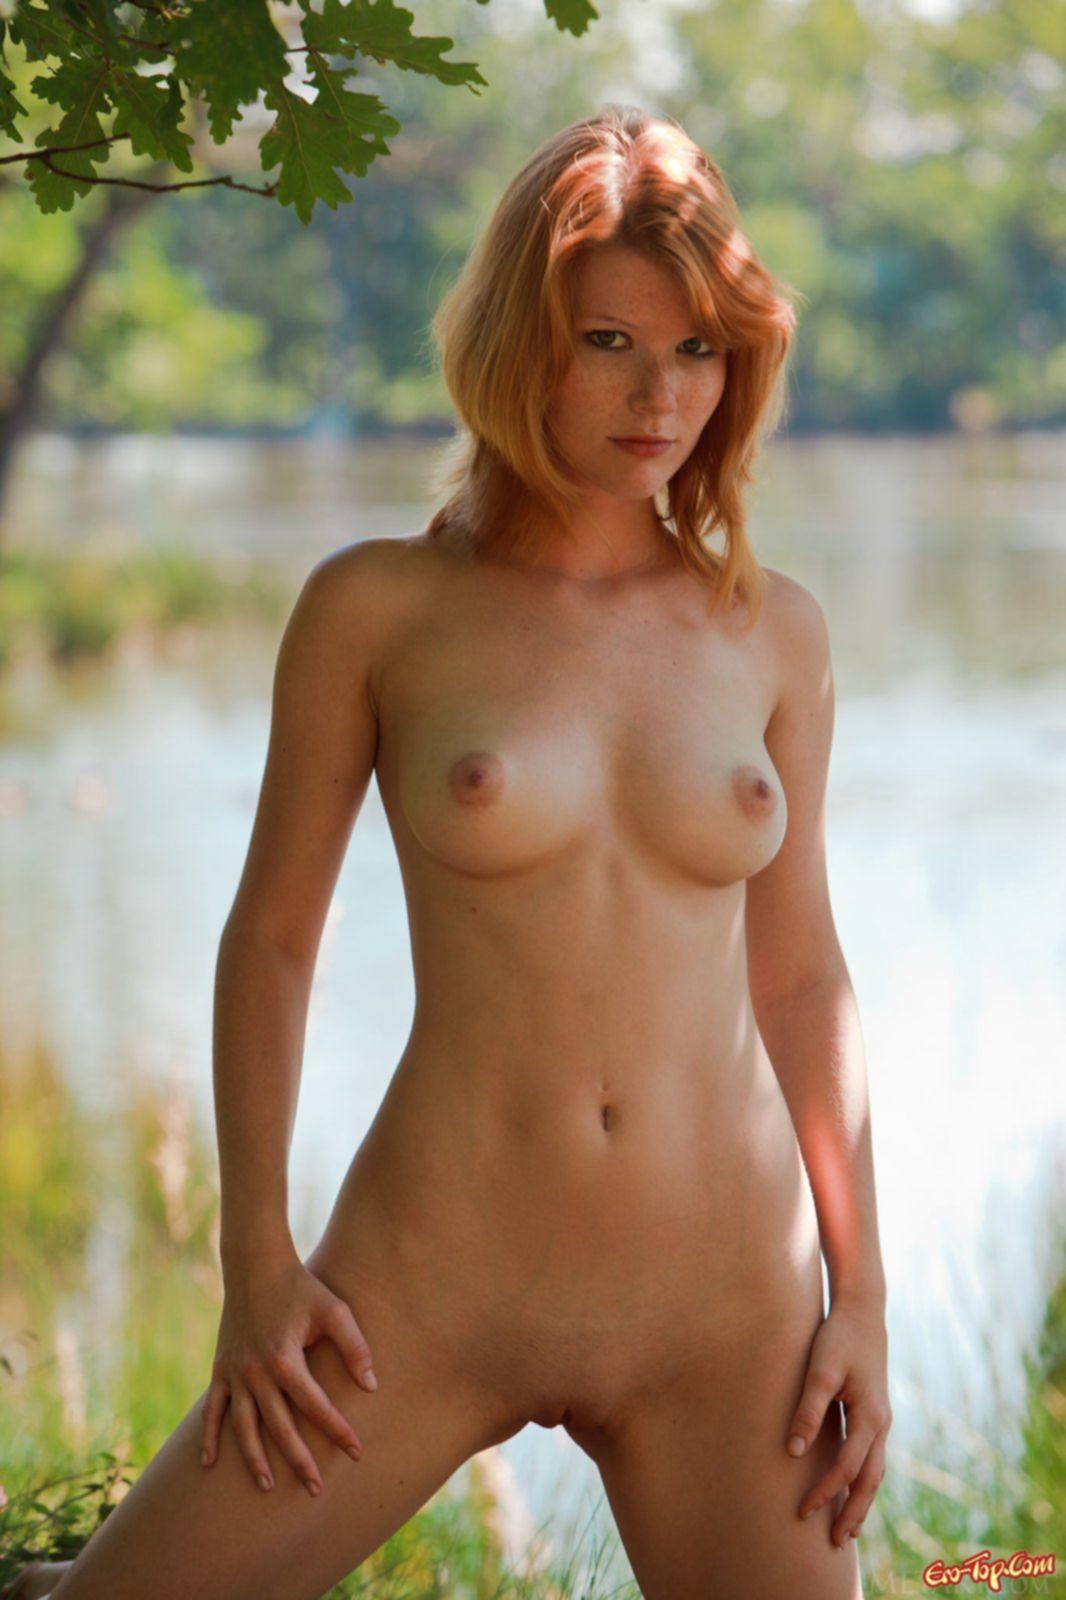 Рыжая баба хвастается сексуальным телом у озера - фото